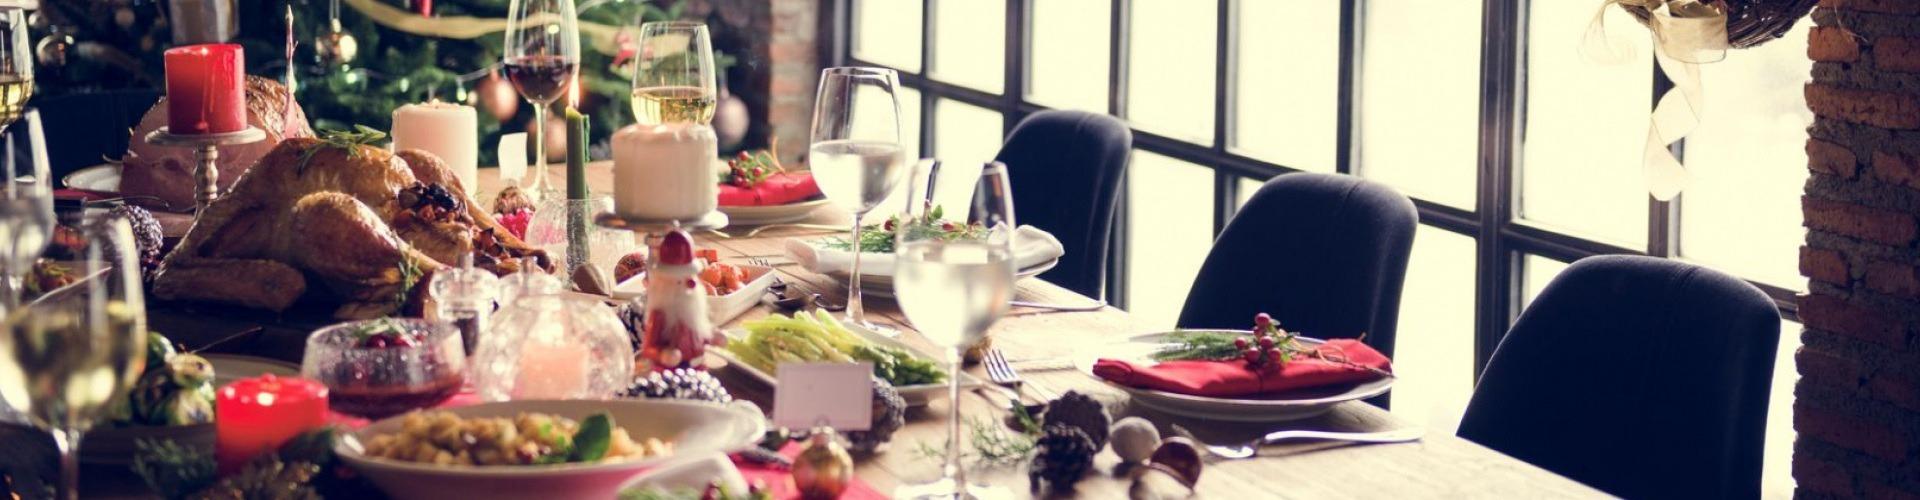 Kinél vacsorázzunk szenteste: nálatok vagy nálunk?